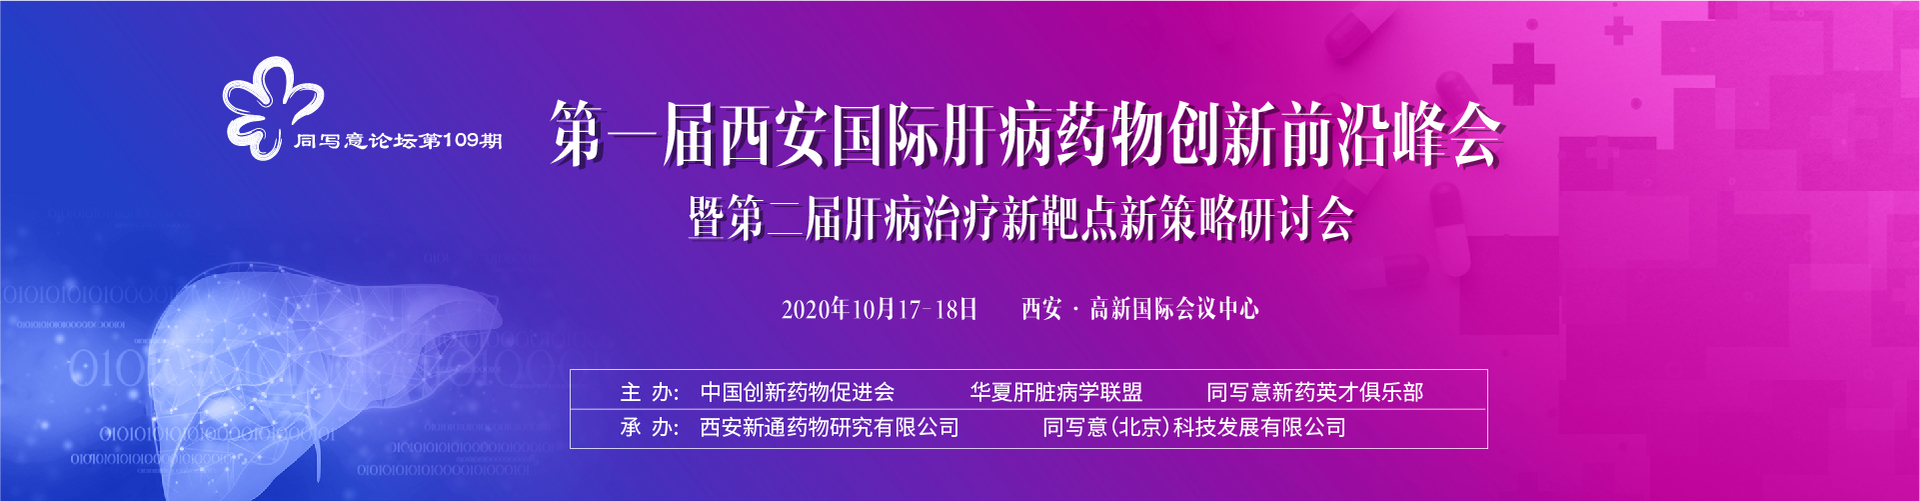 同写意论坛第109期活动—第一届西安国际肝病药物创新前沿峰会 暨第二届肝病治疗新靶点新策略研讨会